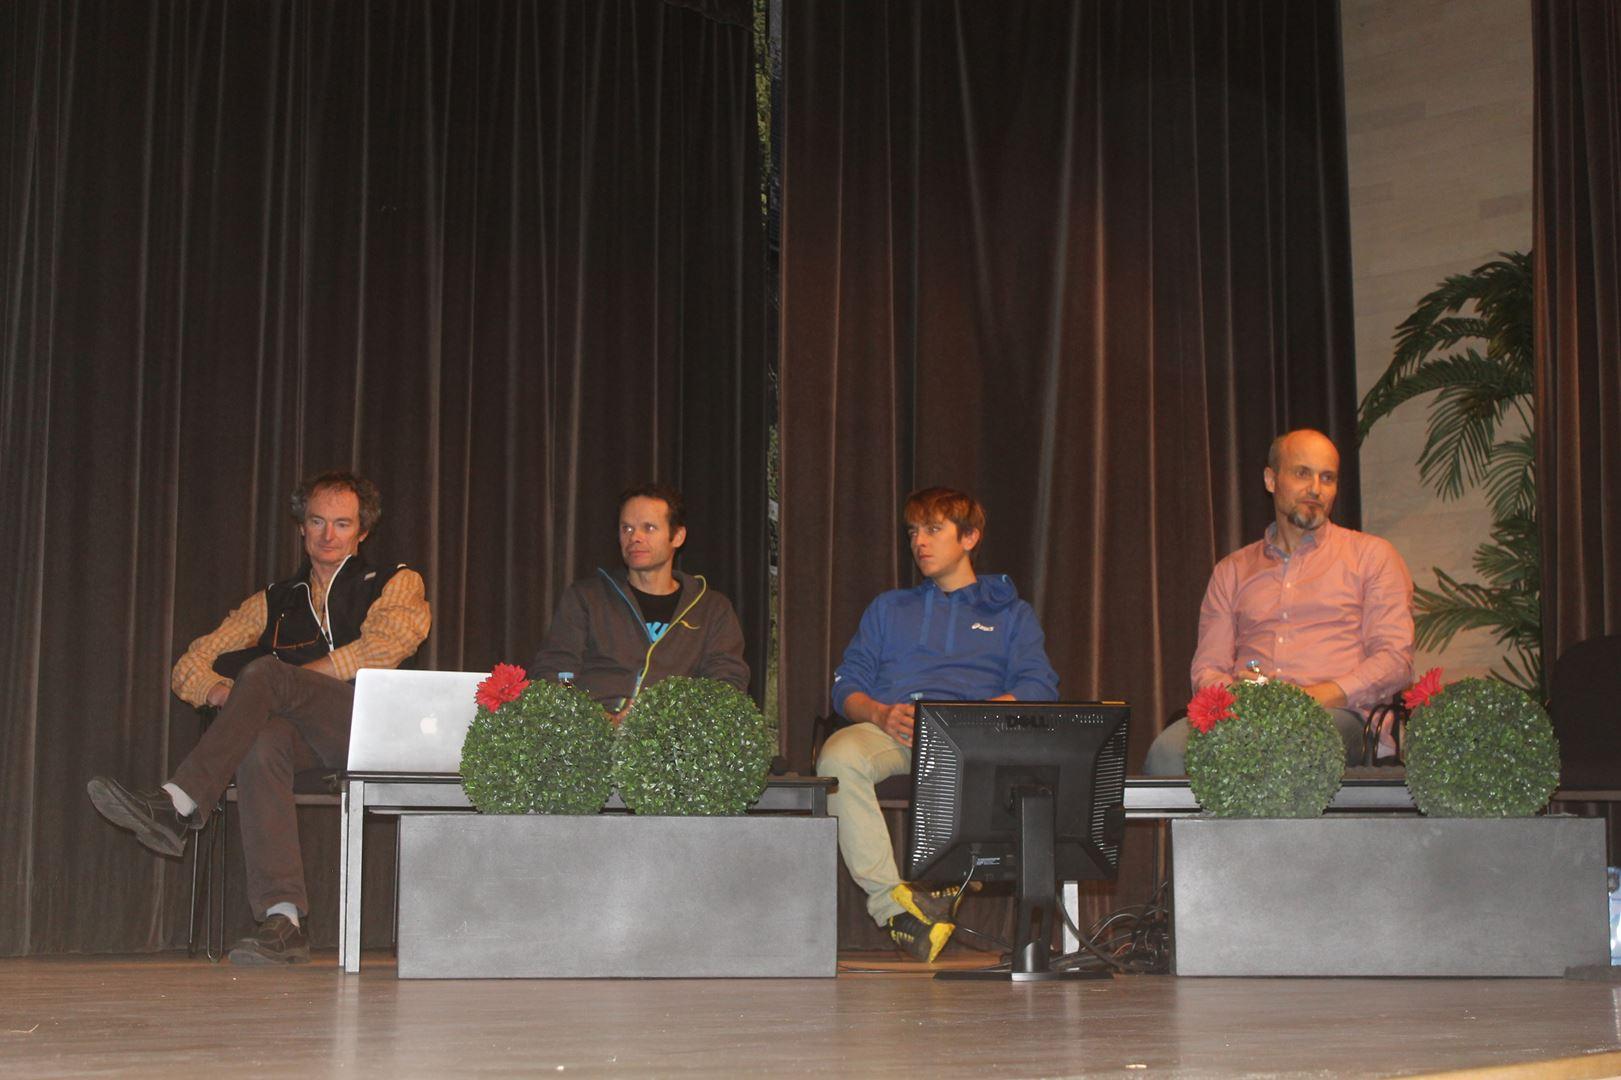 copie 0 IMG 0625 - REUSSIR SON UTMB ET SES ULTRAS (conférence qui s'est déroulée à Chambéry en décembre)